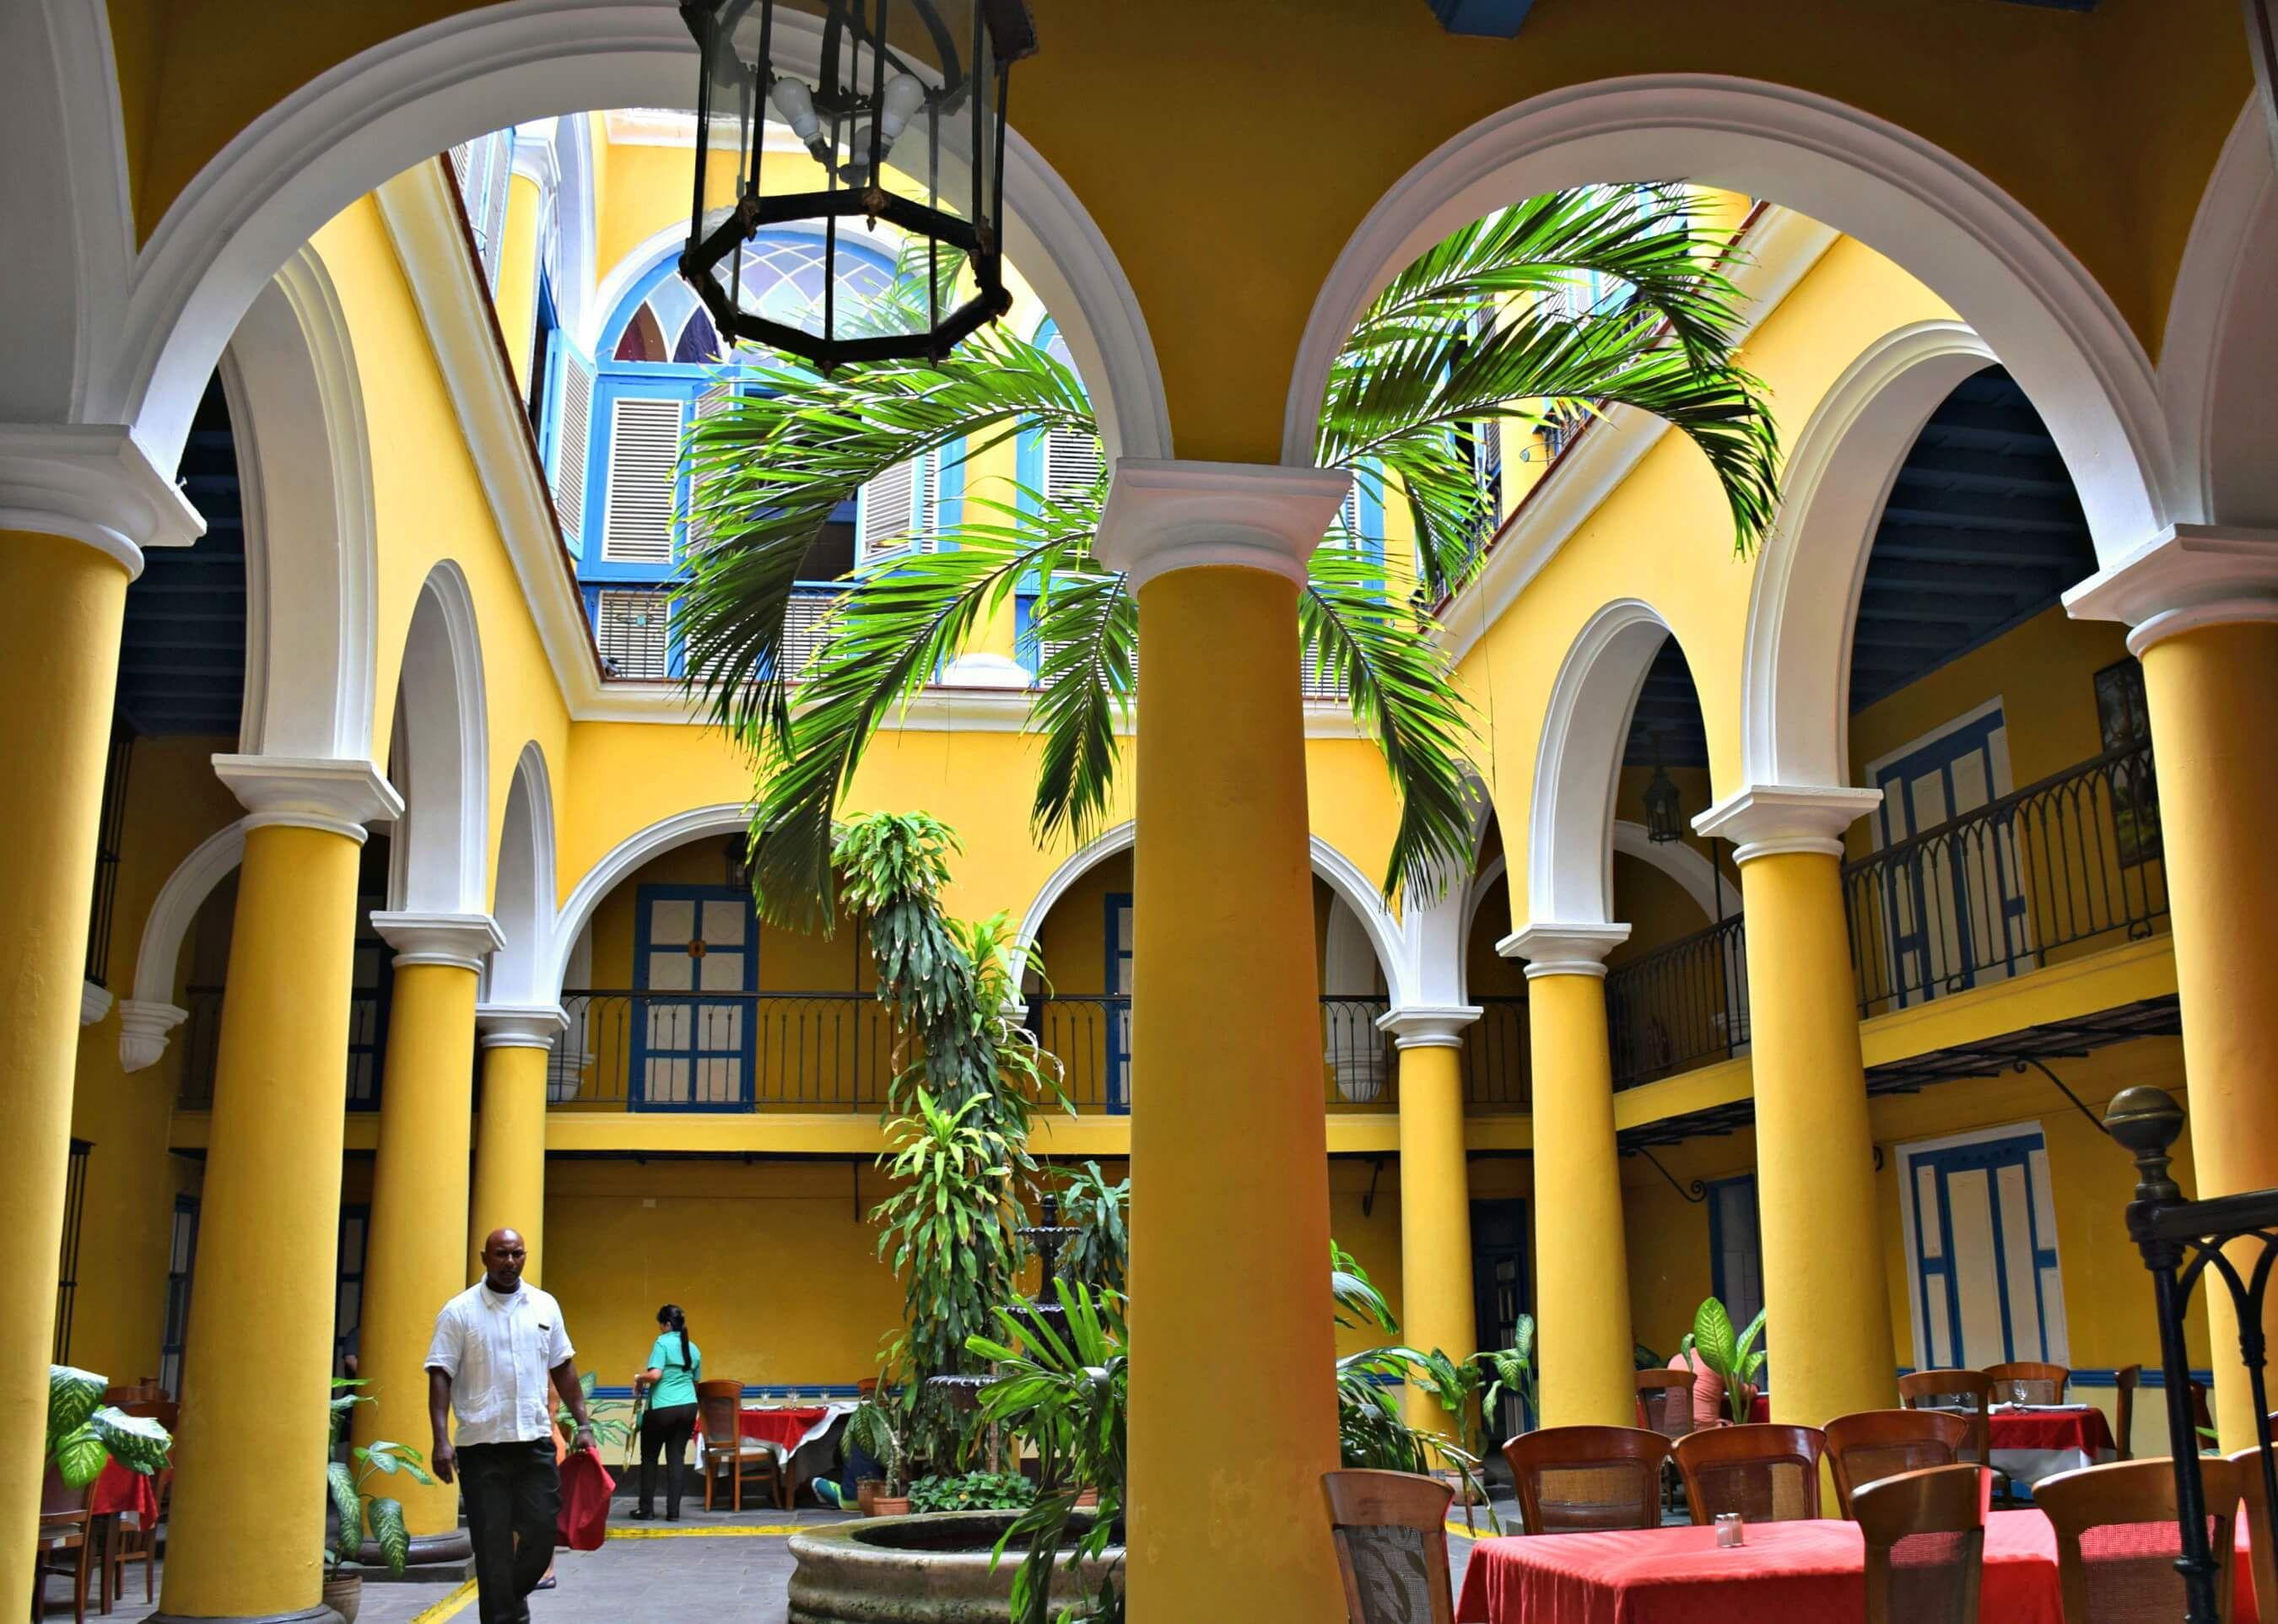 PHOTOS OF THE WEEK: EL PATIO IN HAVANA, CUBA